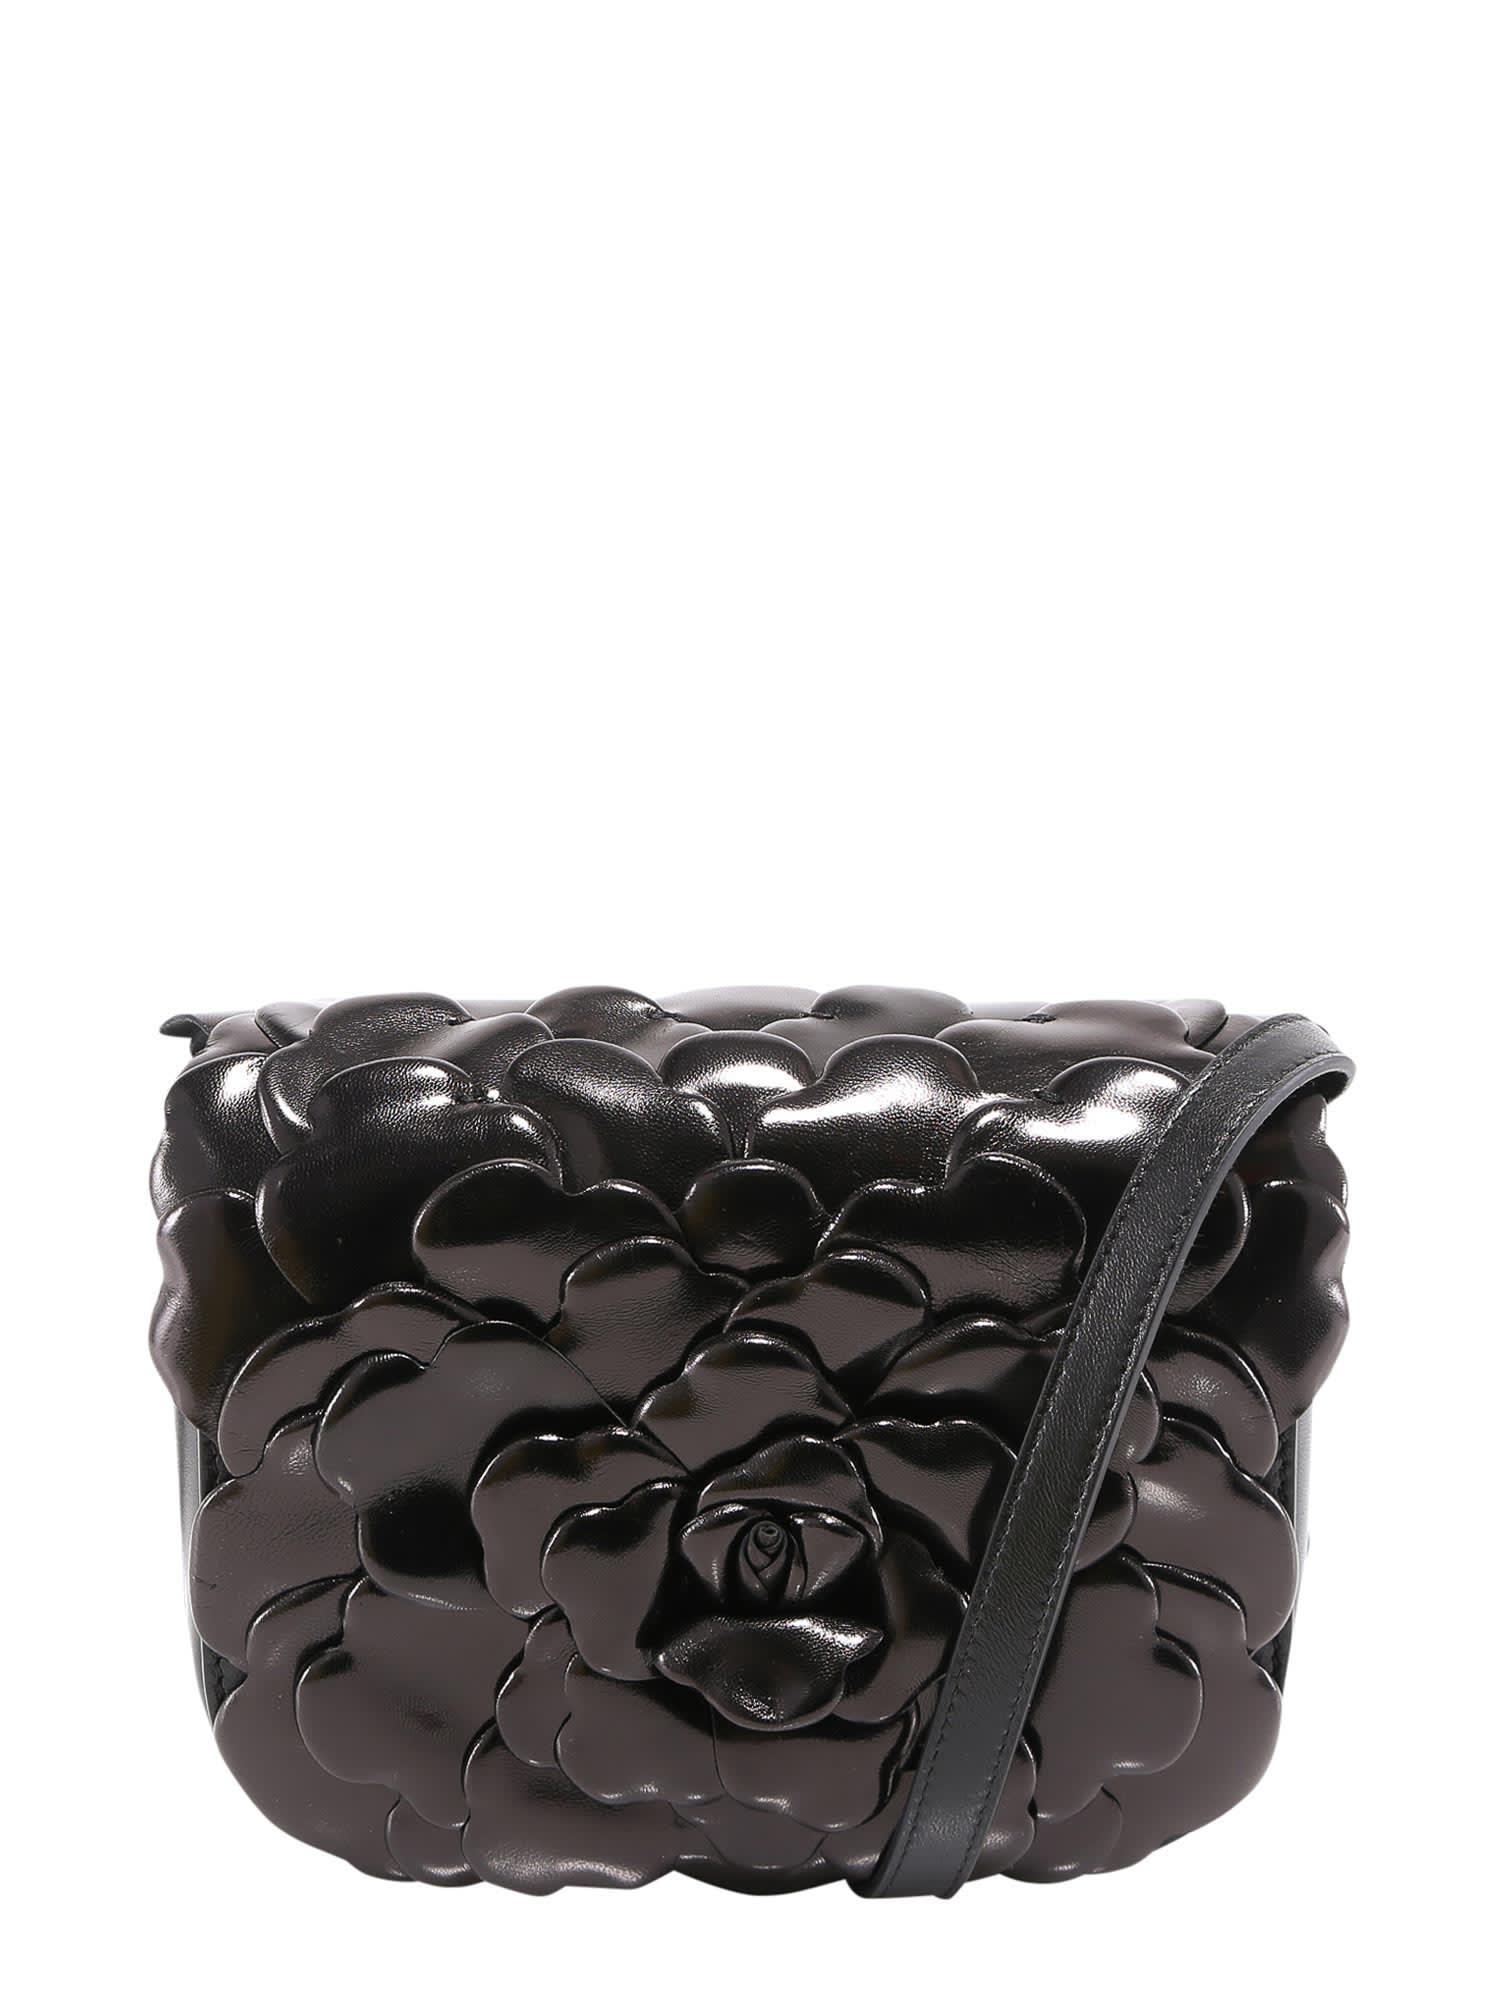 Valentino Garavani Atelier Bag 03 Rose Edition Shoulder Bag